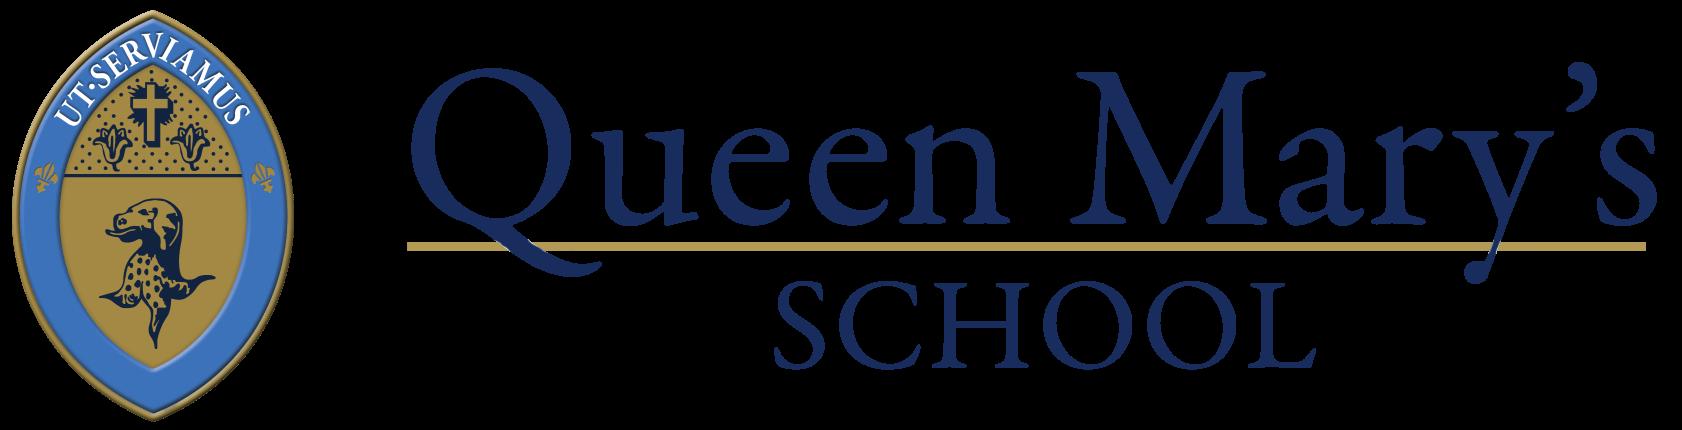 Queen Mary's School Logo